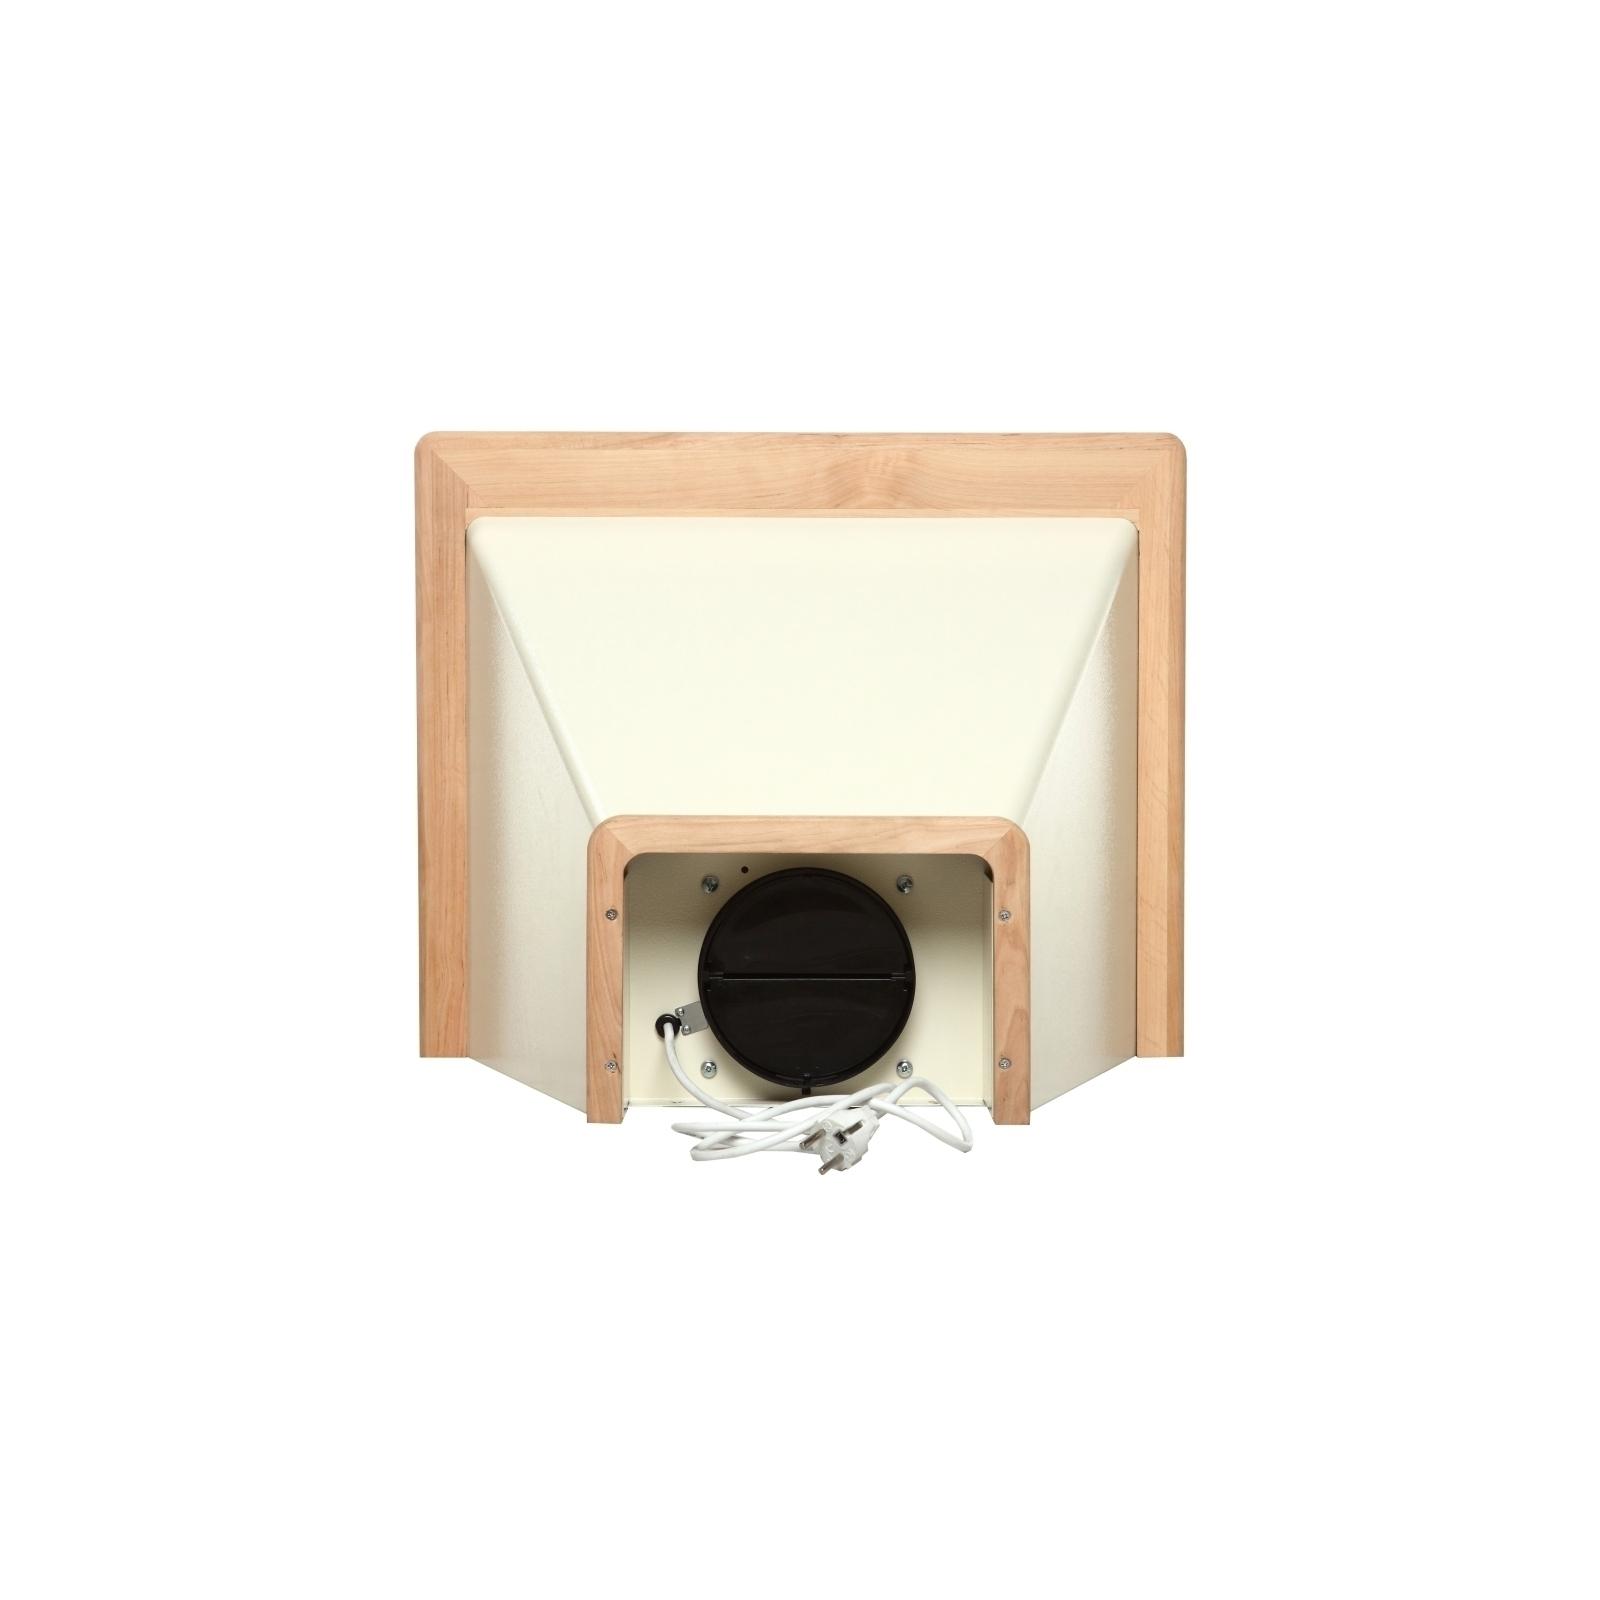 Вытяжка кухонная ELEYUS Gamma H 1000 60 N изображение 7